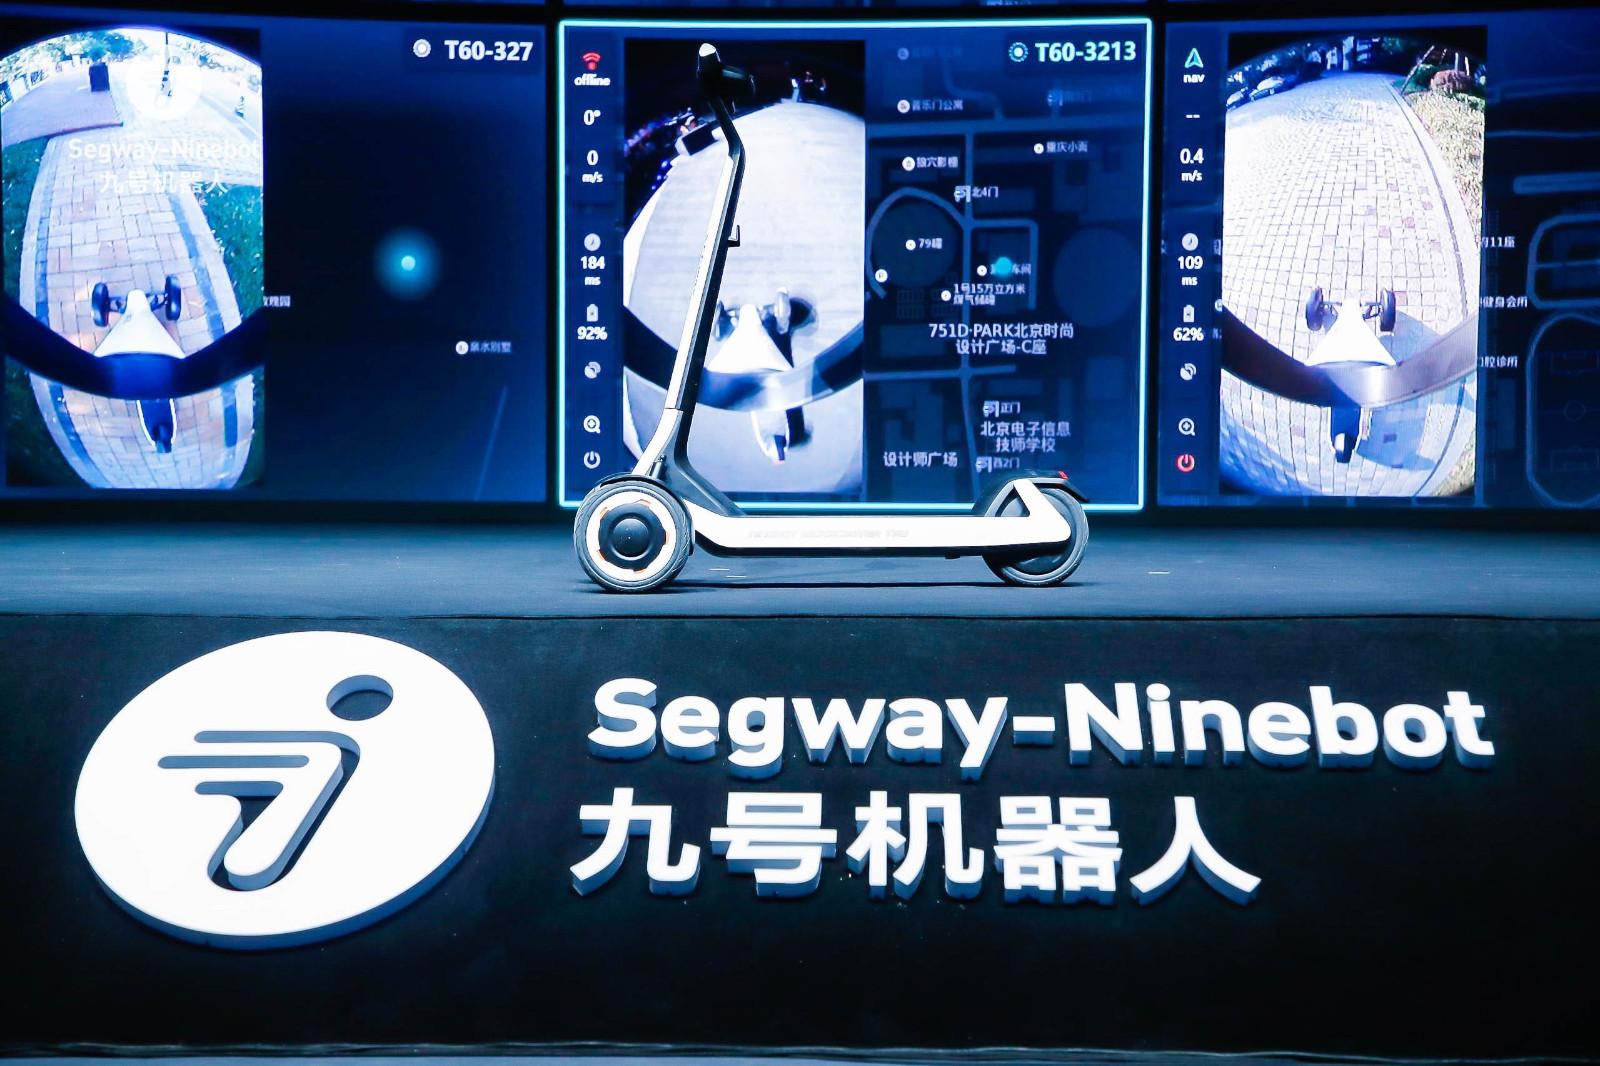 九号机器人发布AI新品:短出行巨头逐鹿智能配送市场